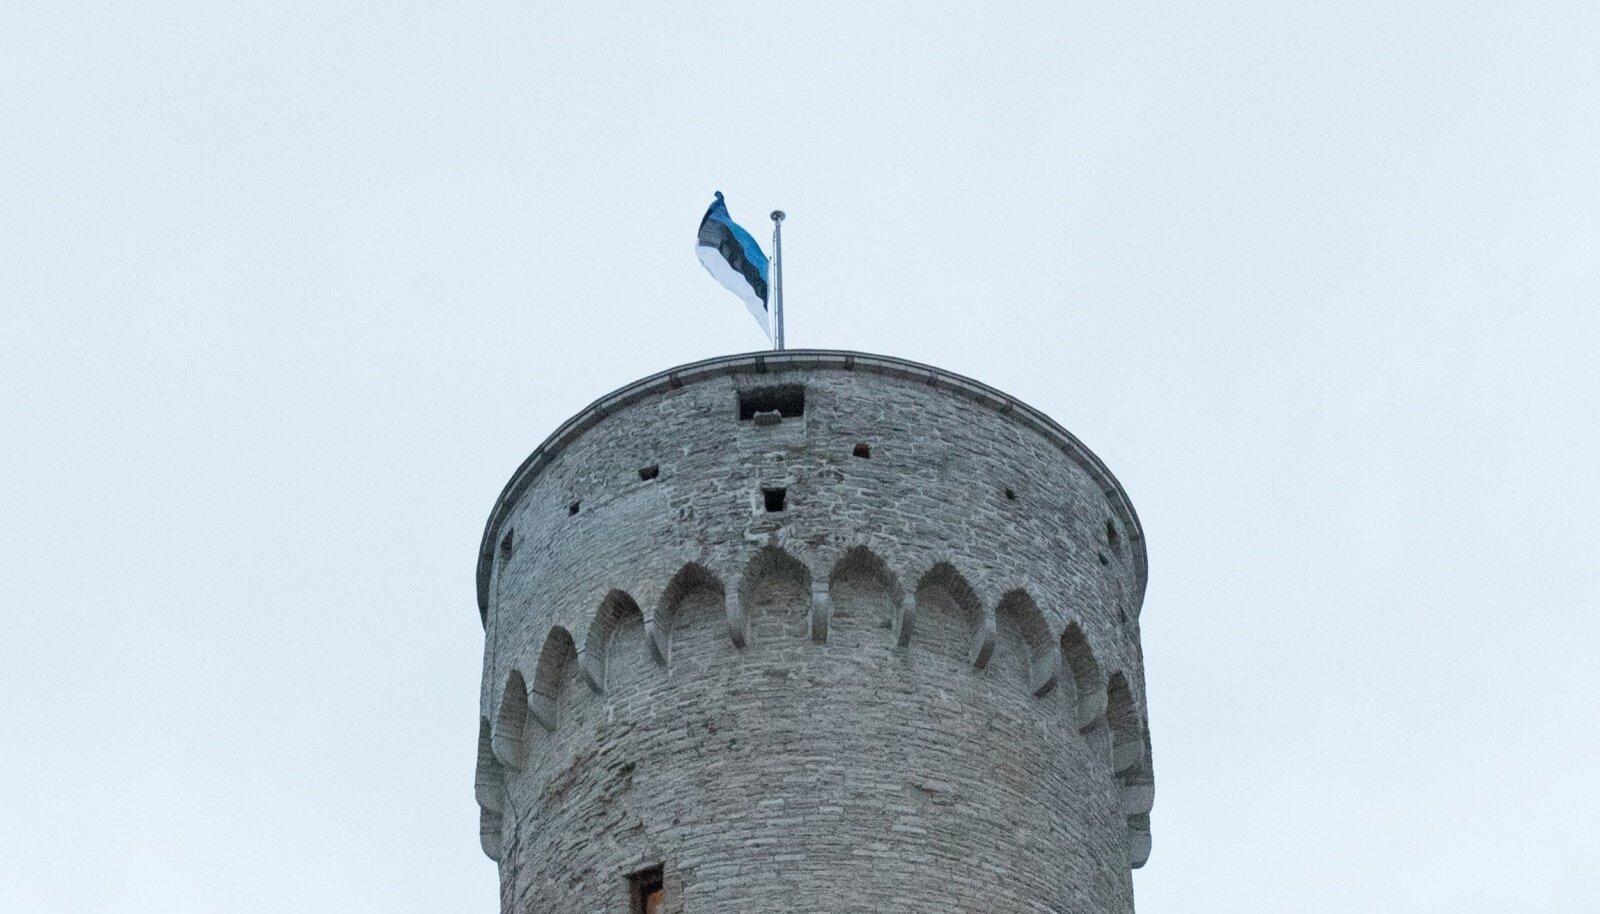 Nagu alati 24. veebruaril, heisatakse ka seekord hommikul pidulikult Eesti riigilipp Pika Hermanni torni.